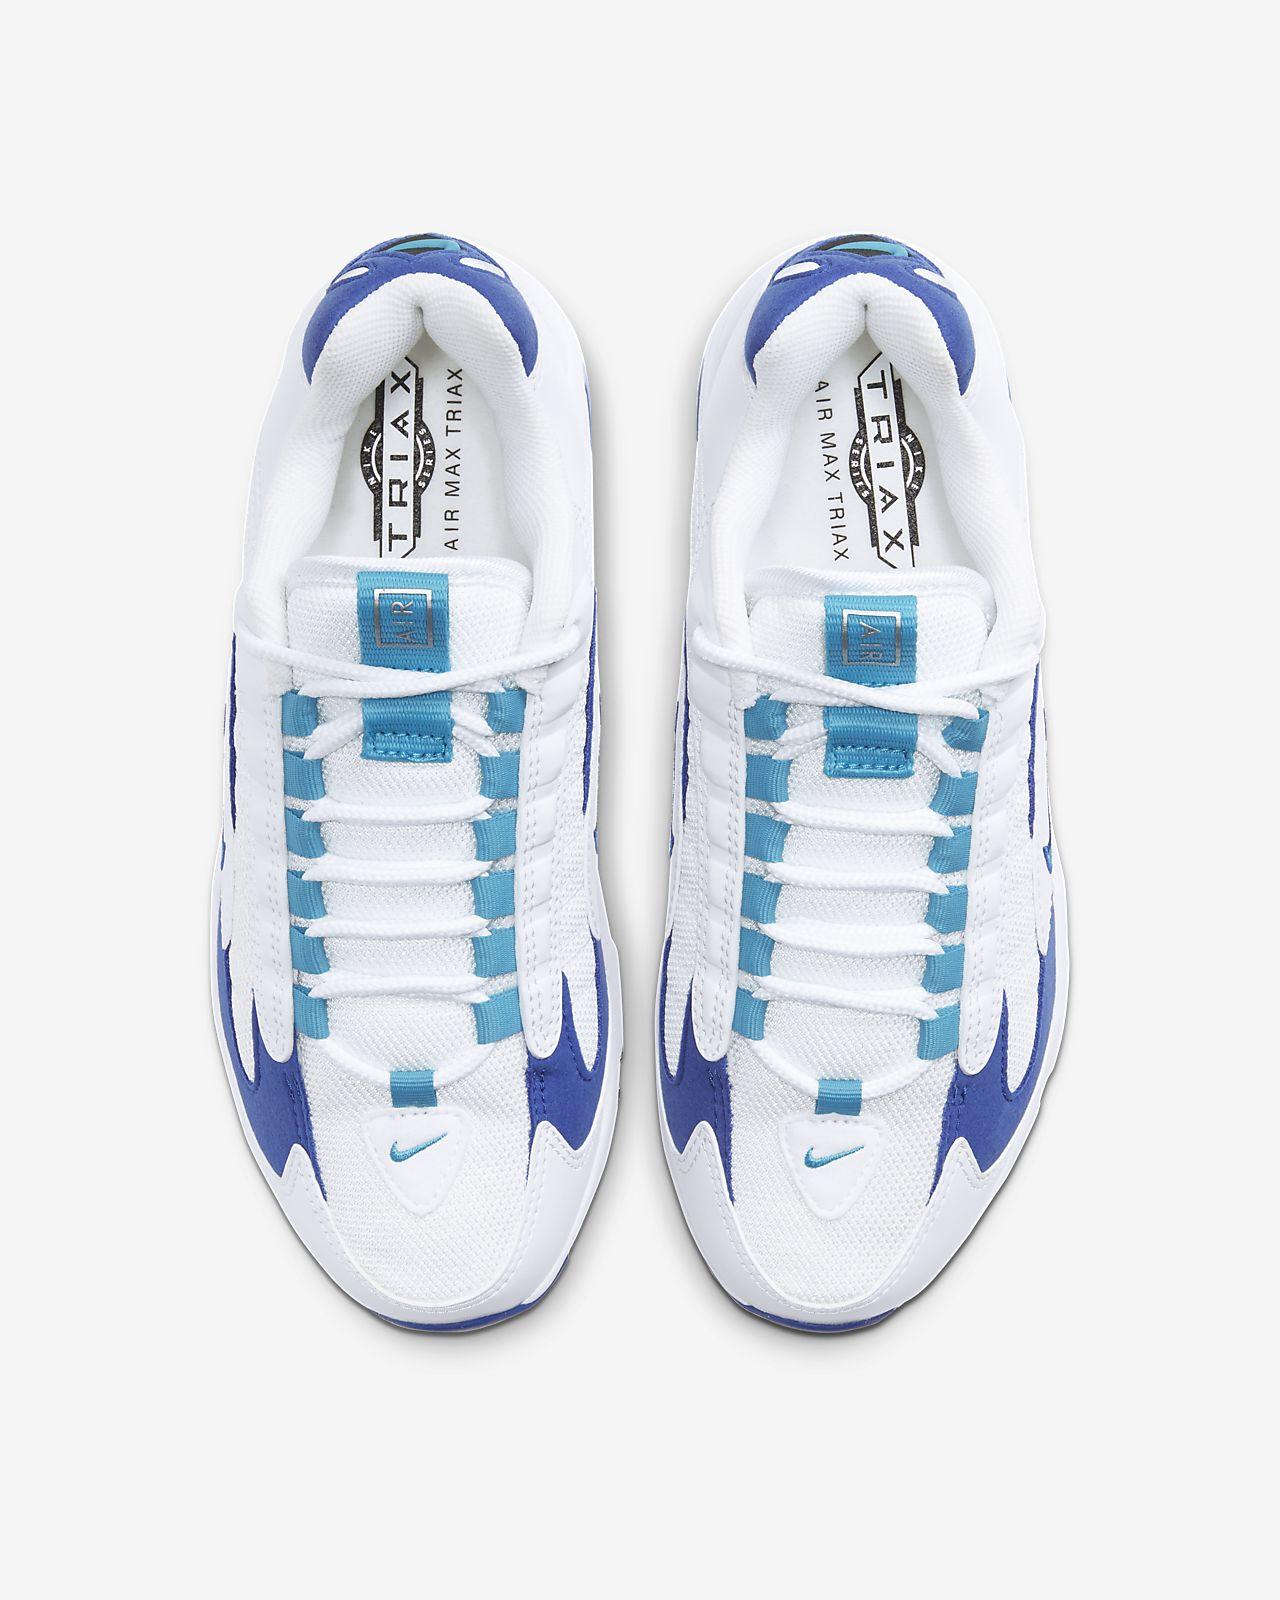 Nike Air Max Triax 96 SP